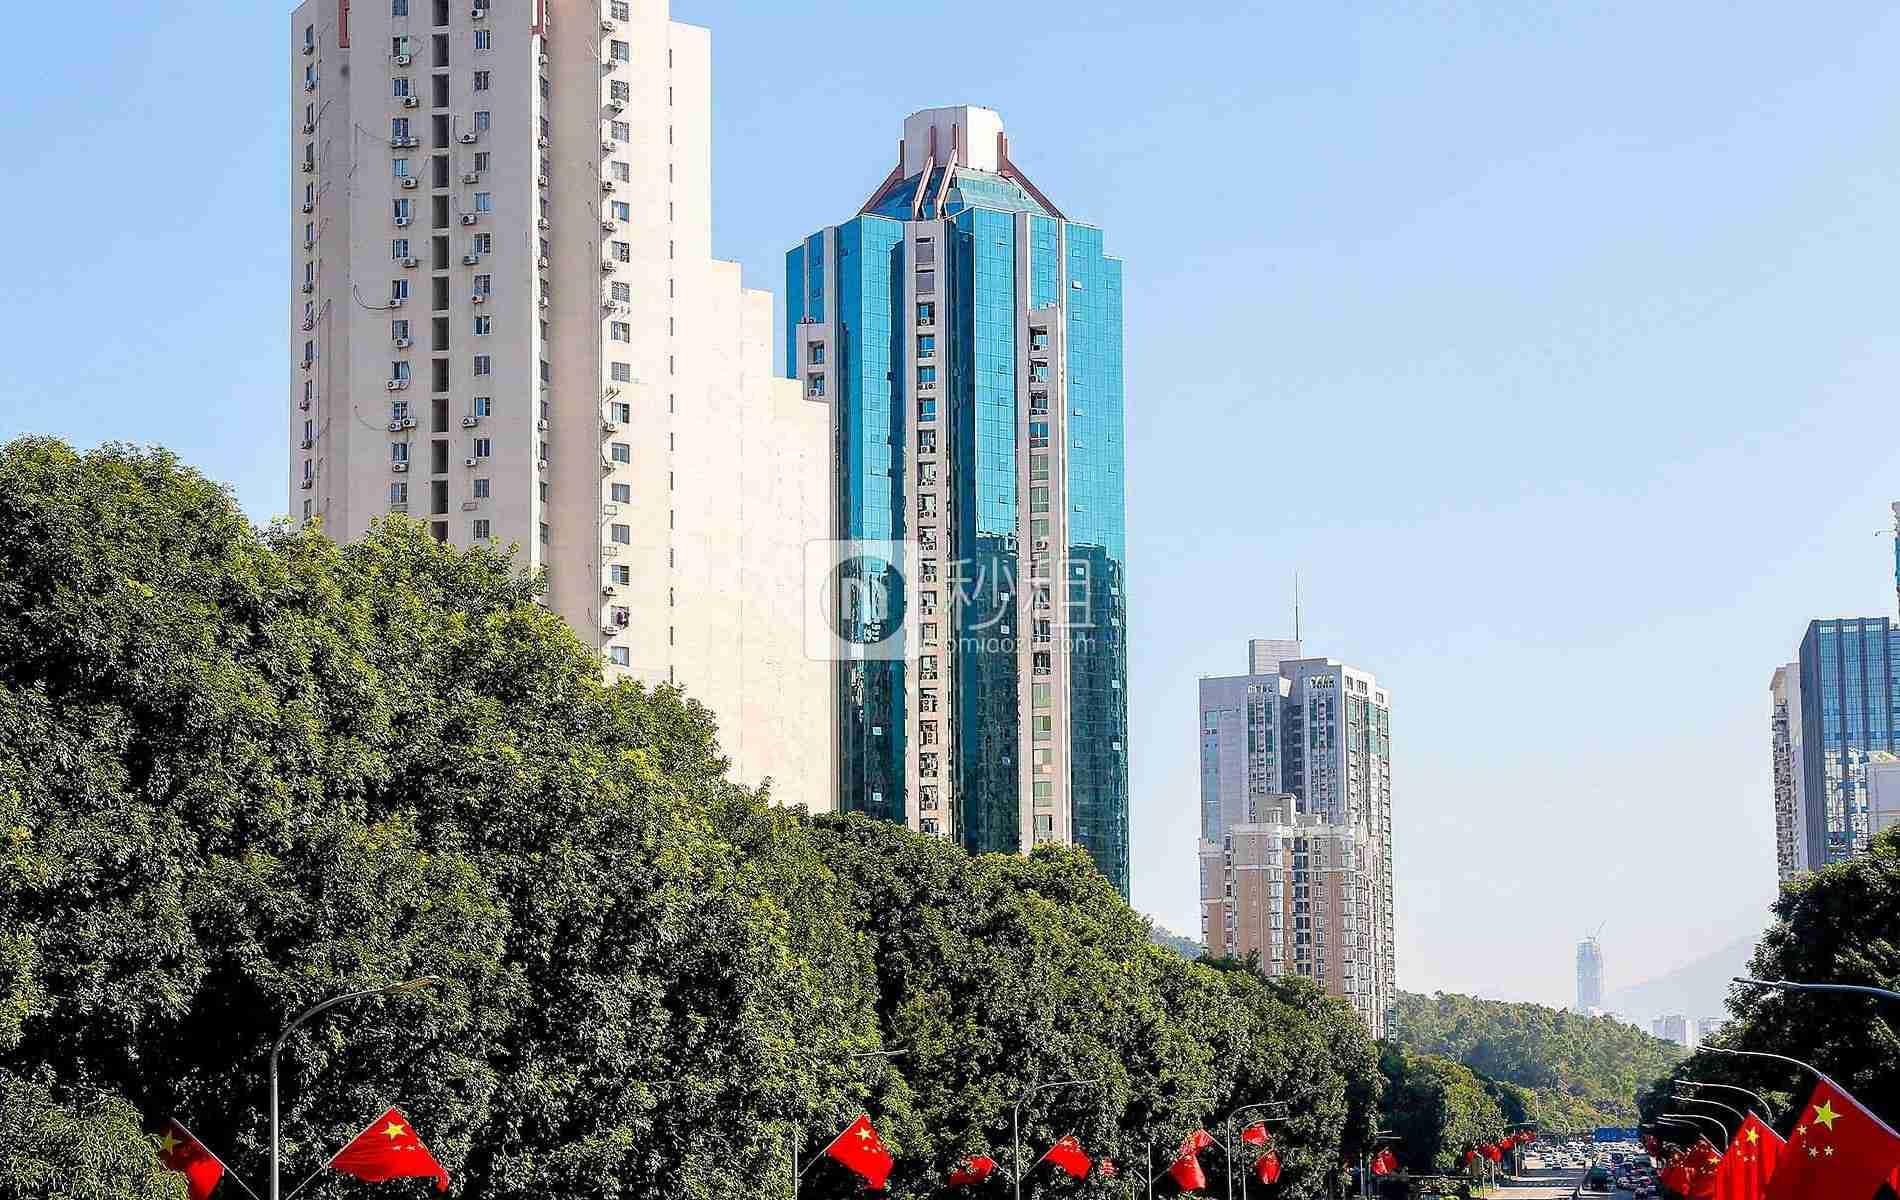 鲁班大厦写字楼出租/招租/租赁,鲁班大厦办公室出租/招租/租赁